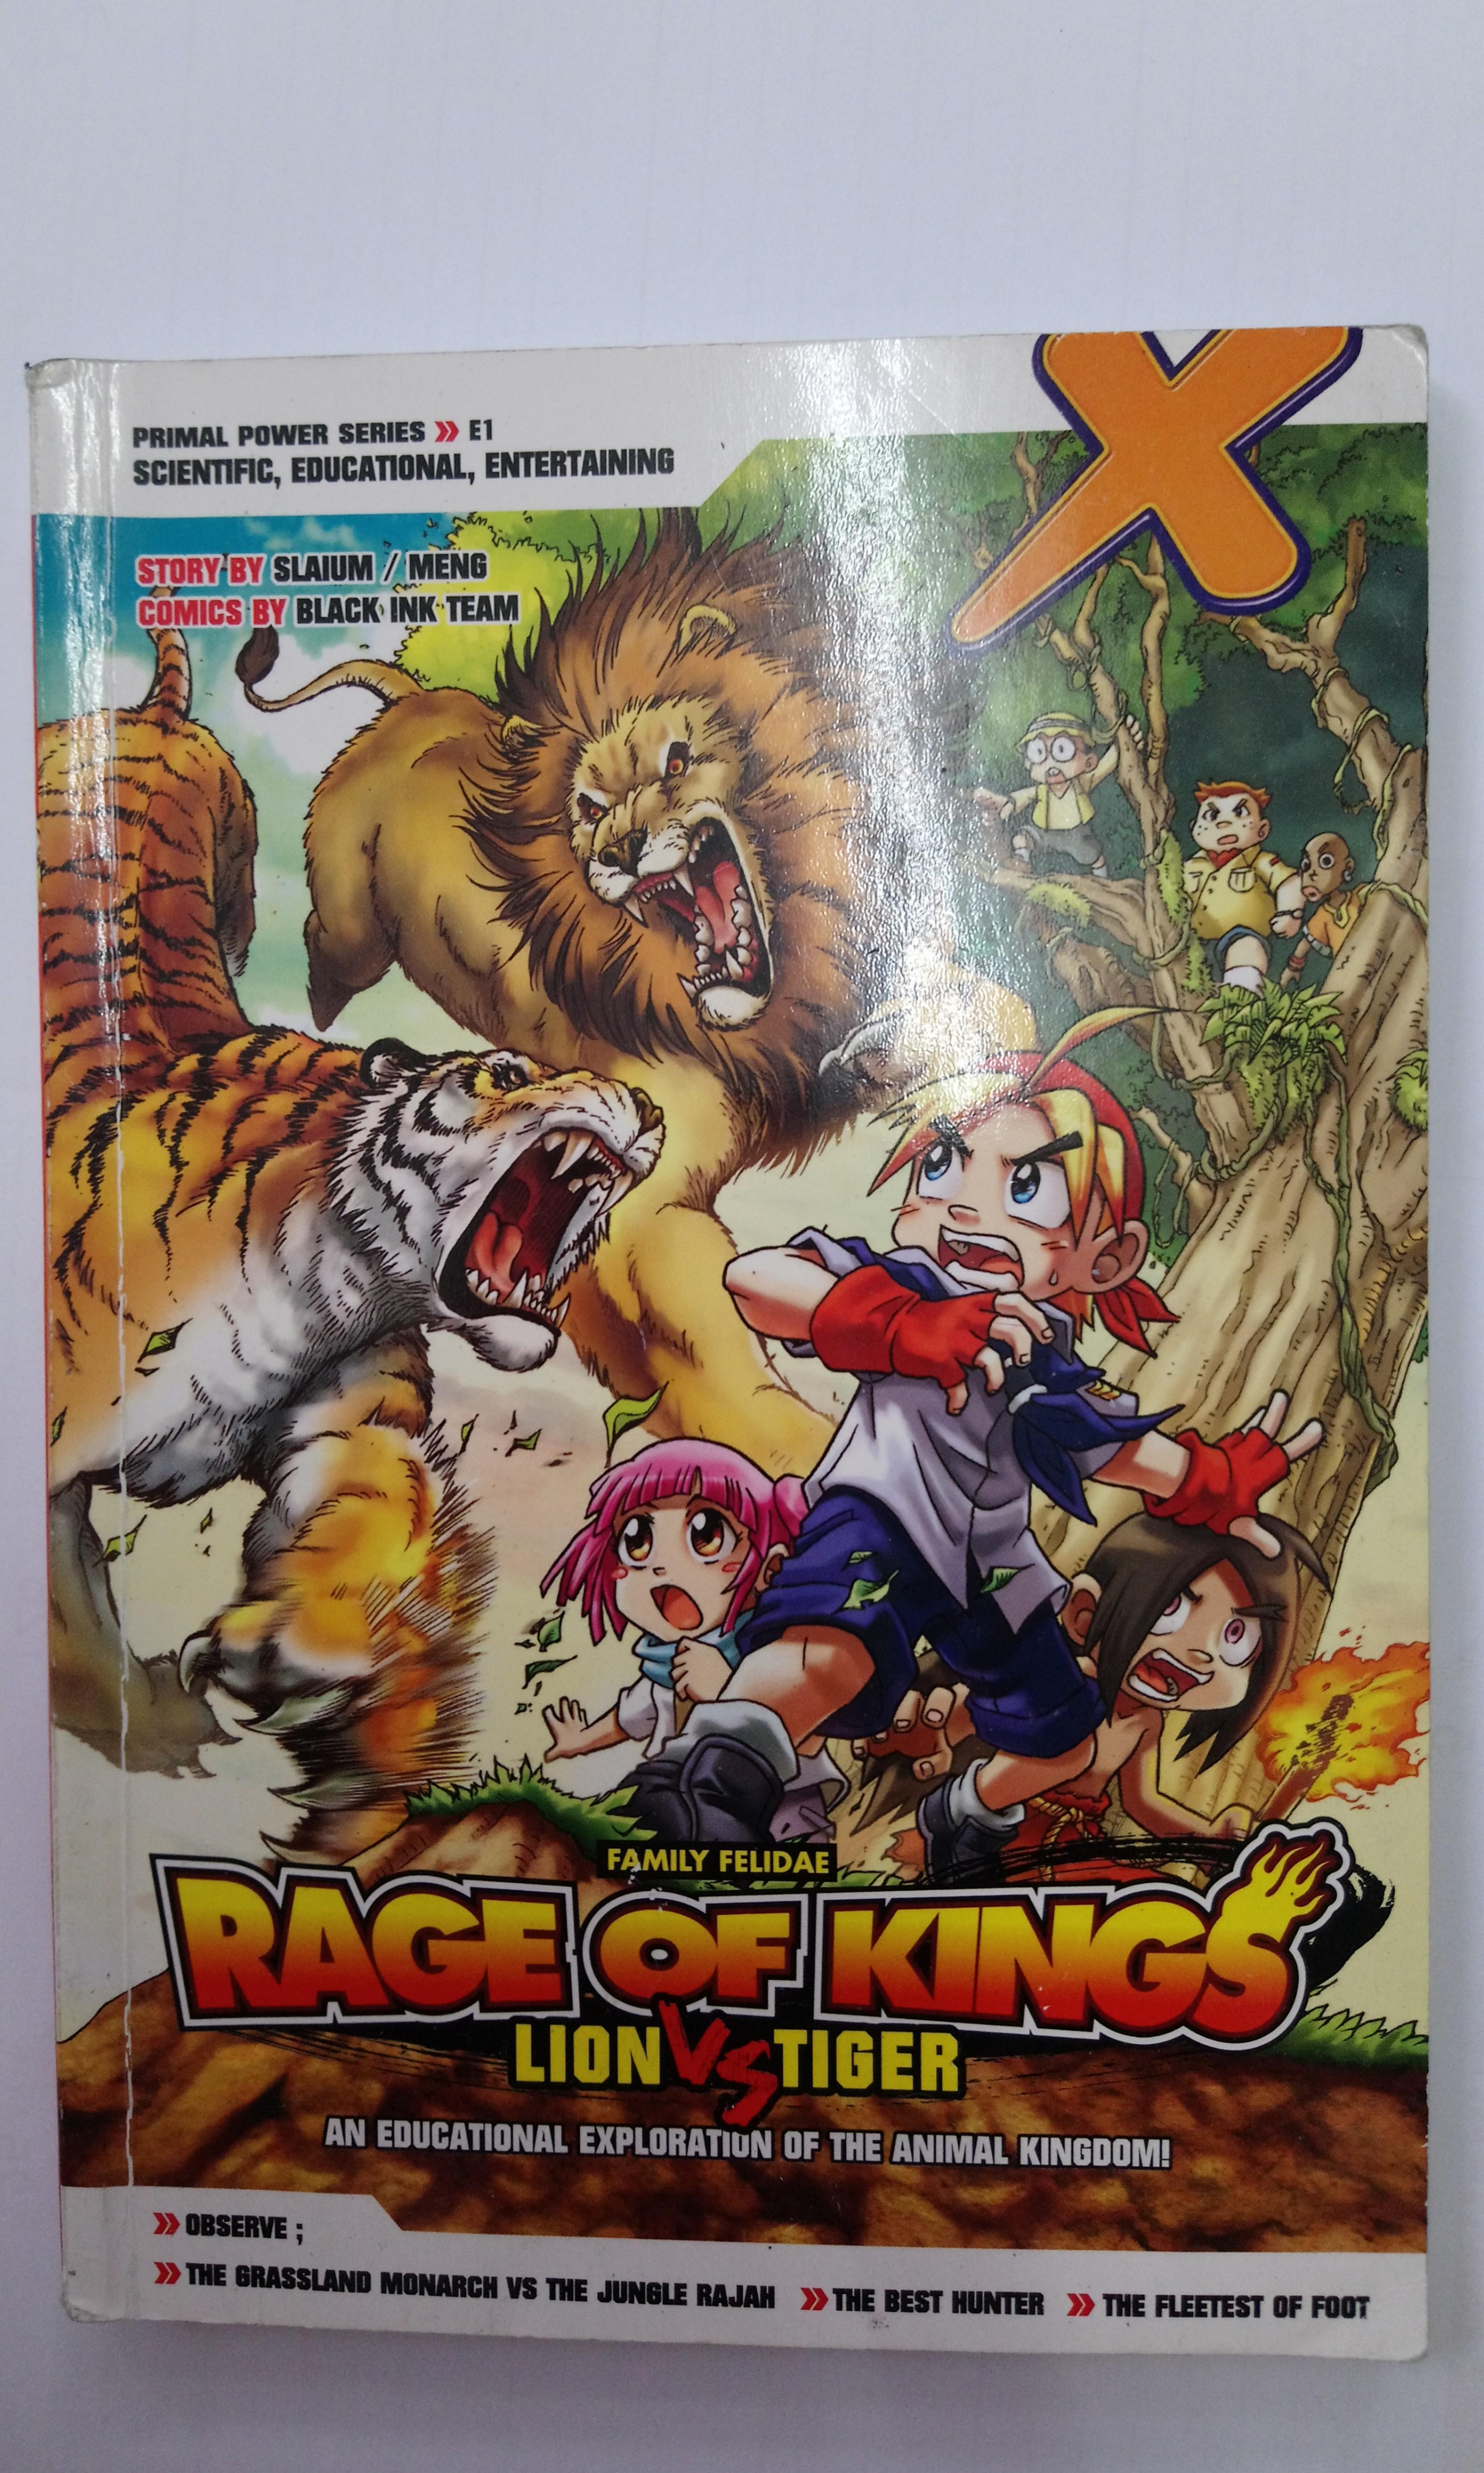 X-venture Explorers : Rage of Kings (Lion Vs Tiger), Books